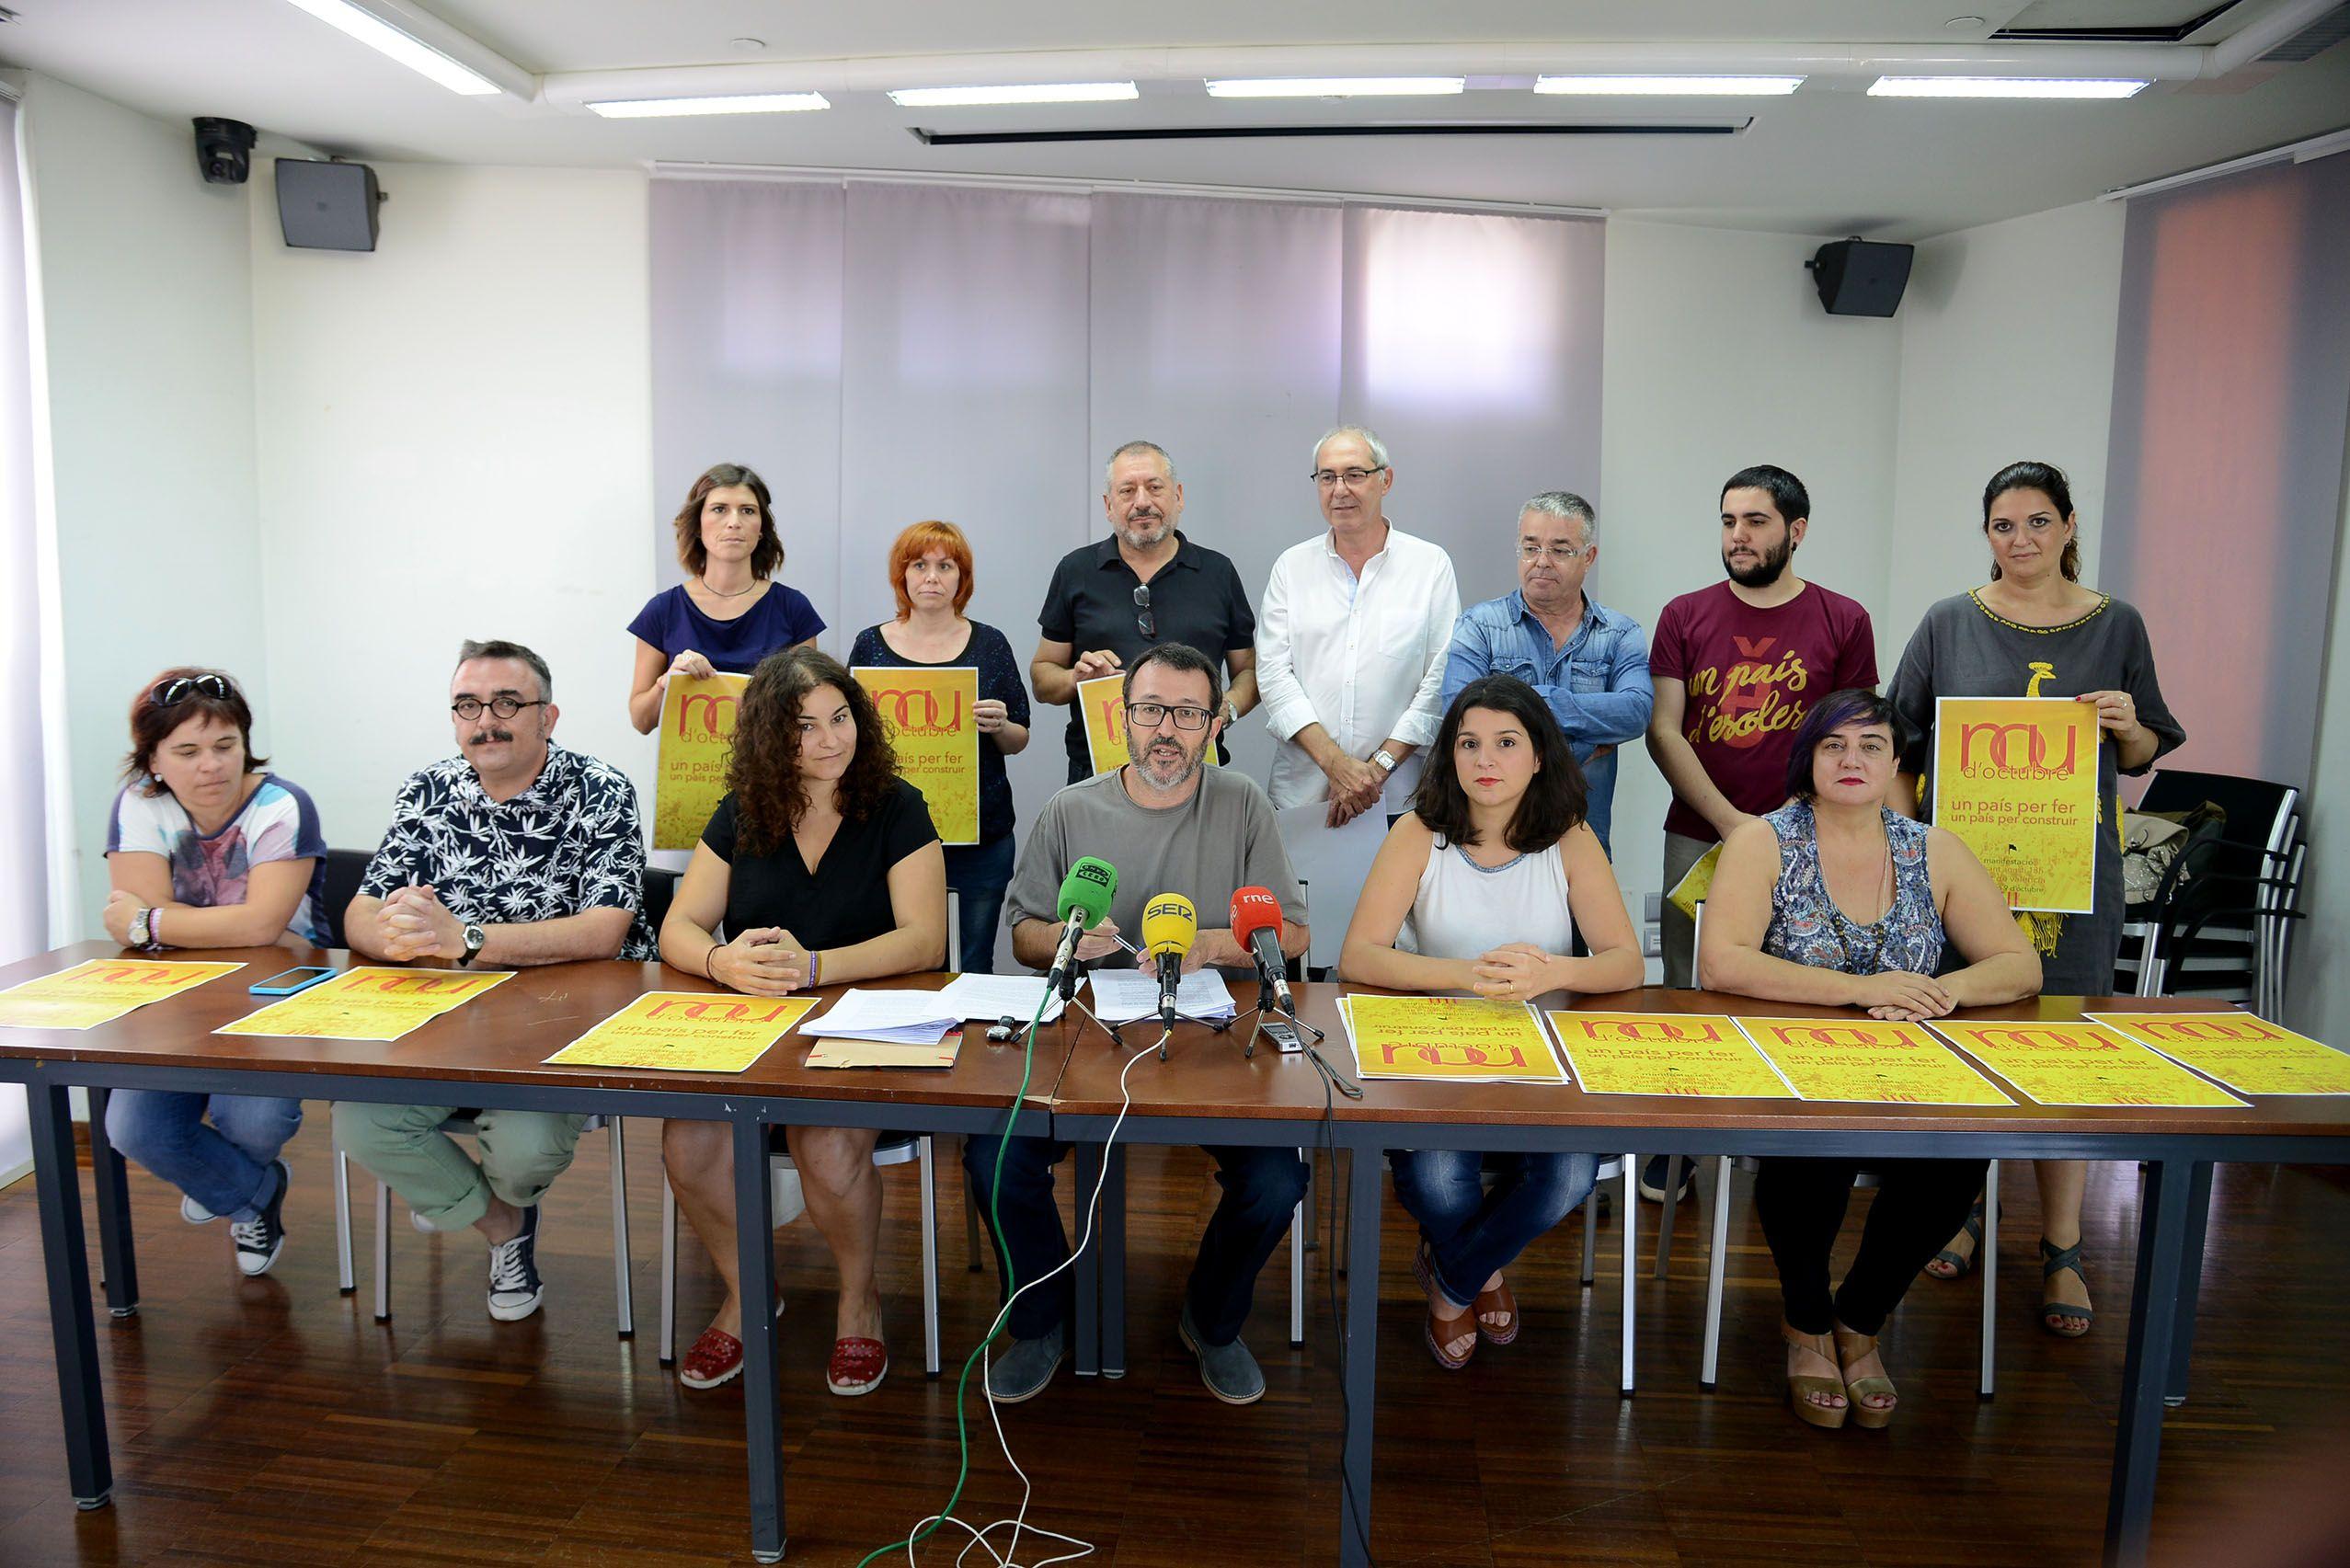 La manifestació del 9 d'Octubre reclama un finançament just per als valencians